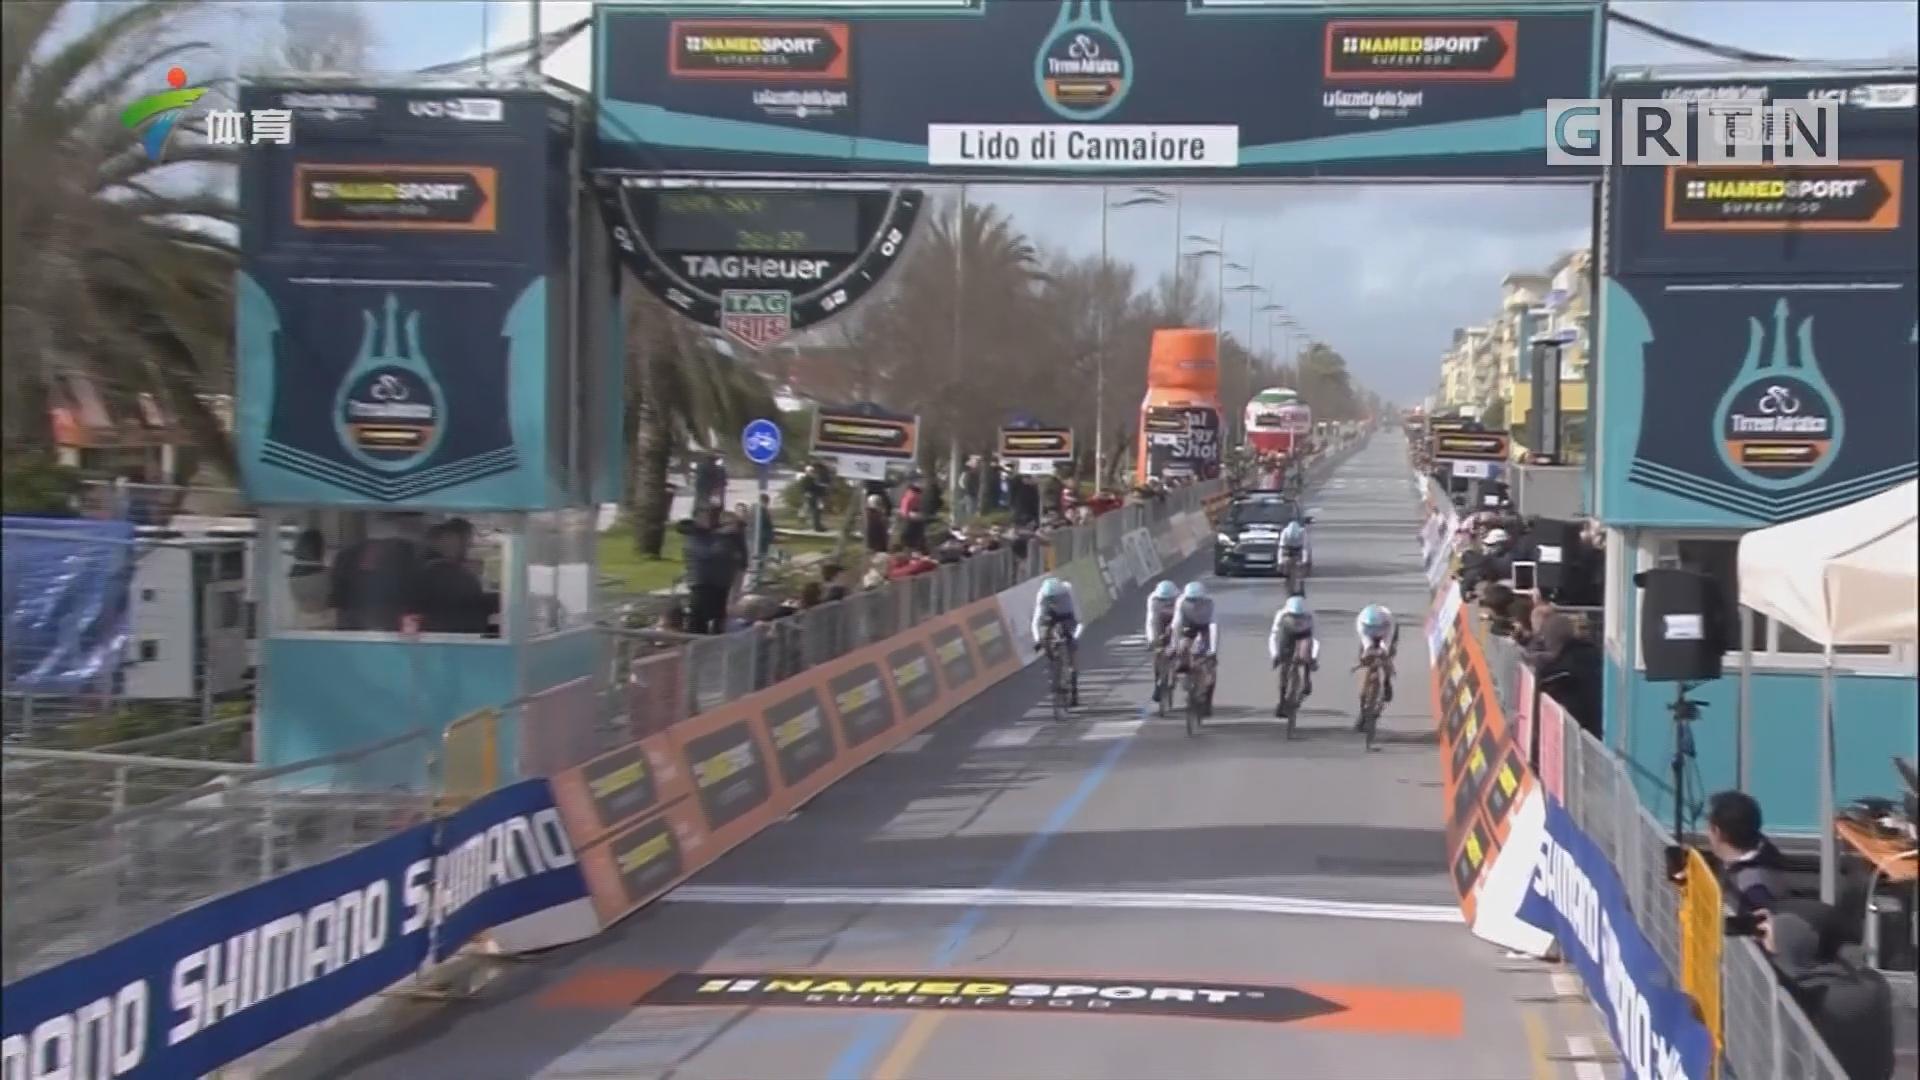 双海赛 BMC车队排名第一 卡文迪什摔车破相